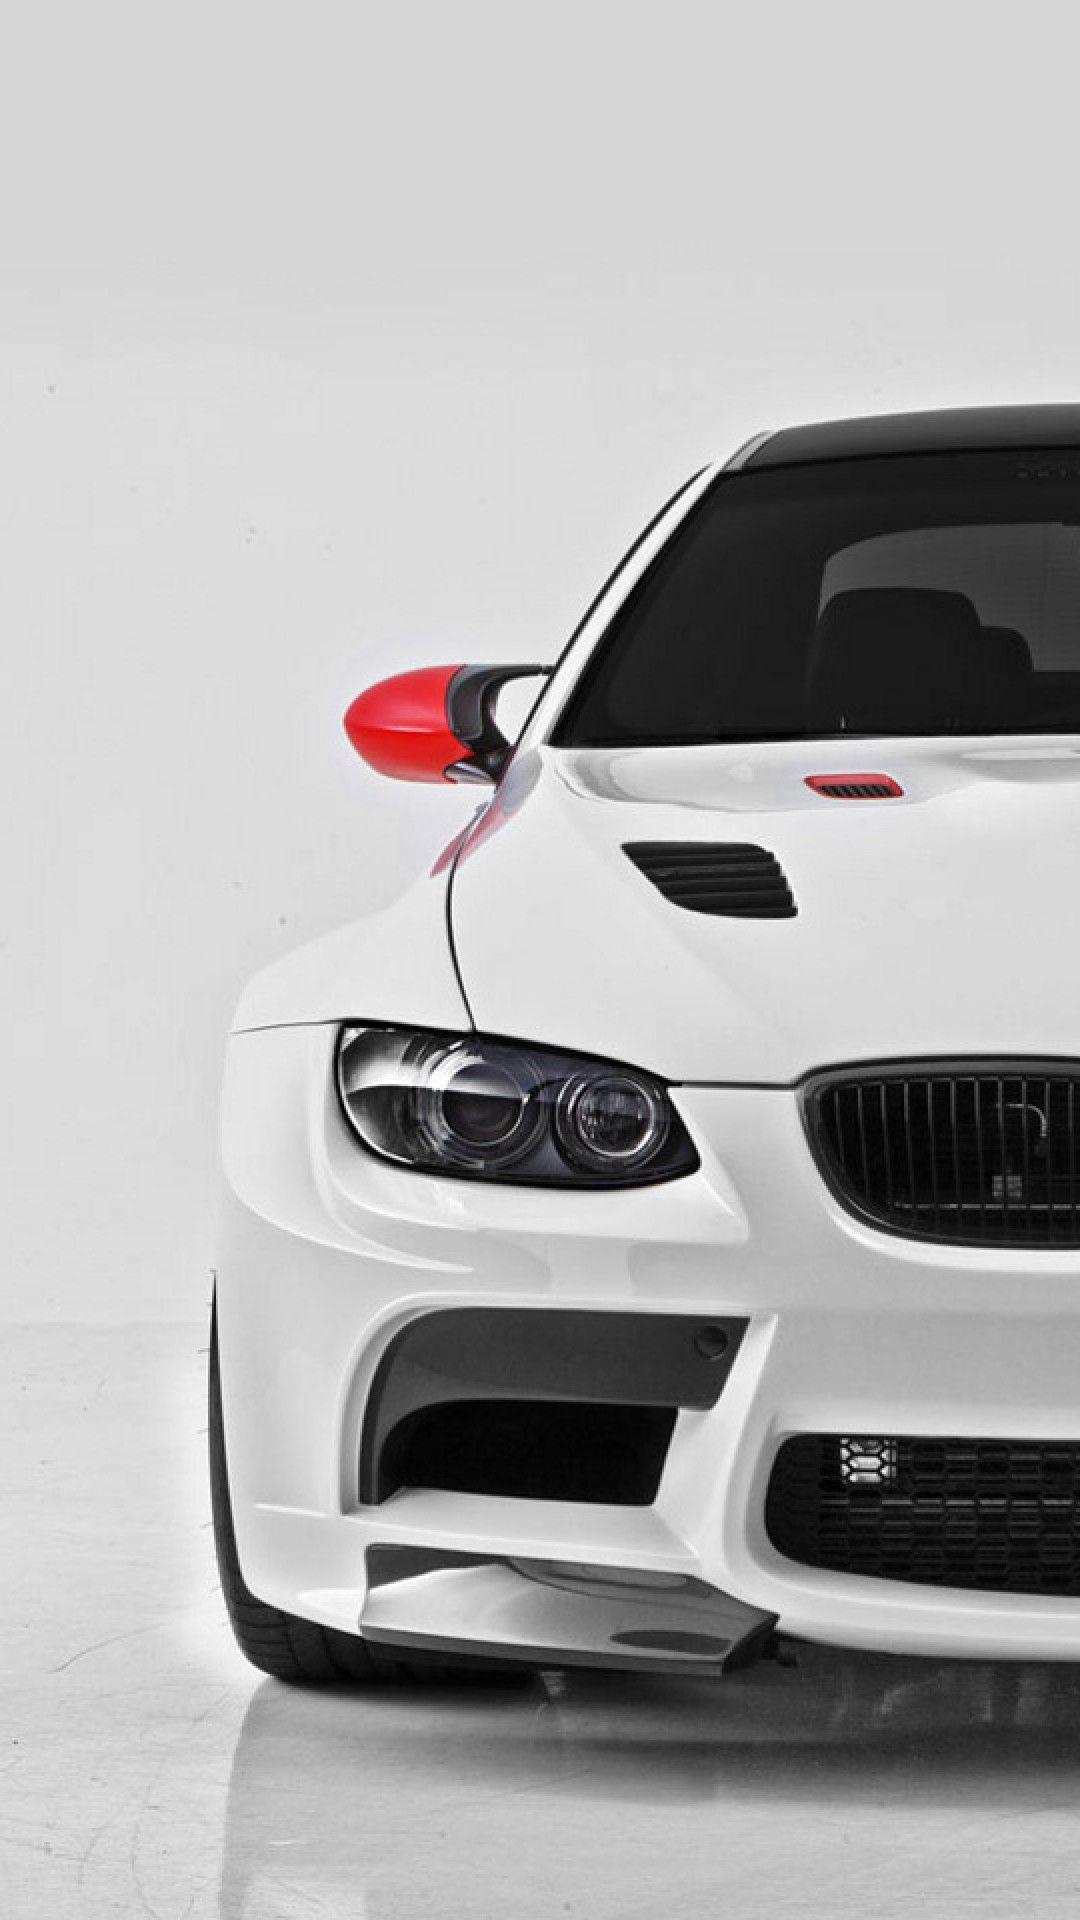 New Car BMW i Wallpaper